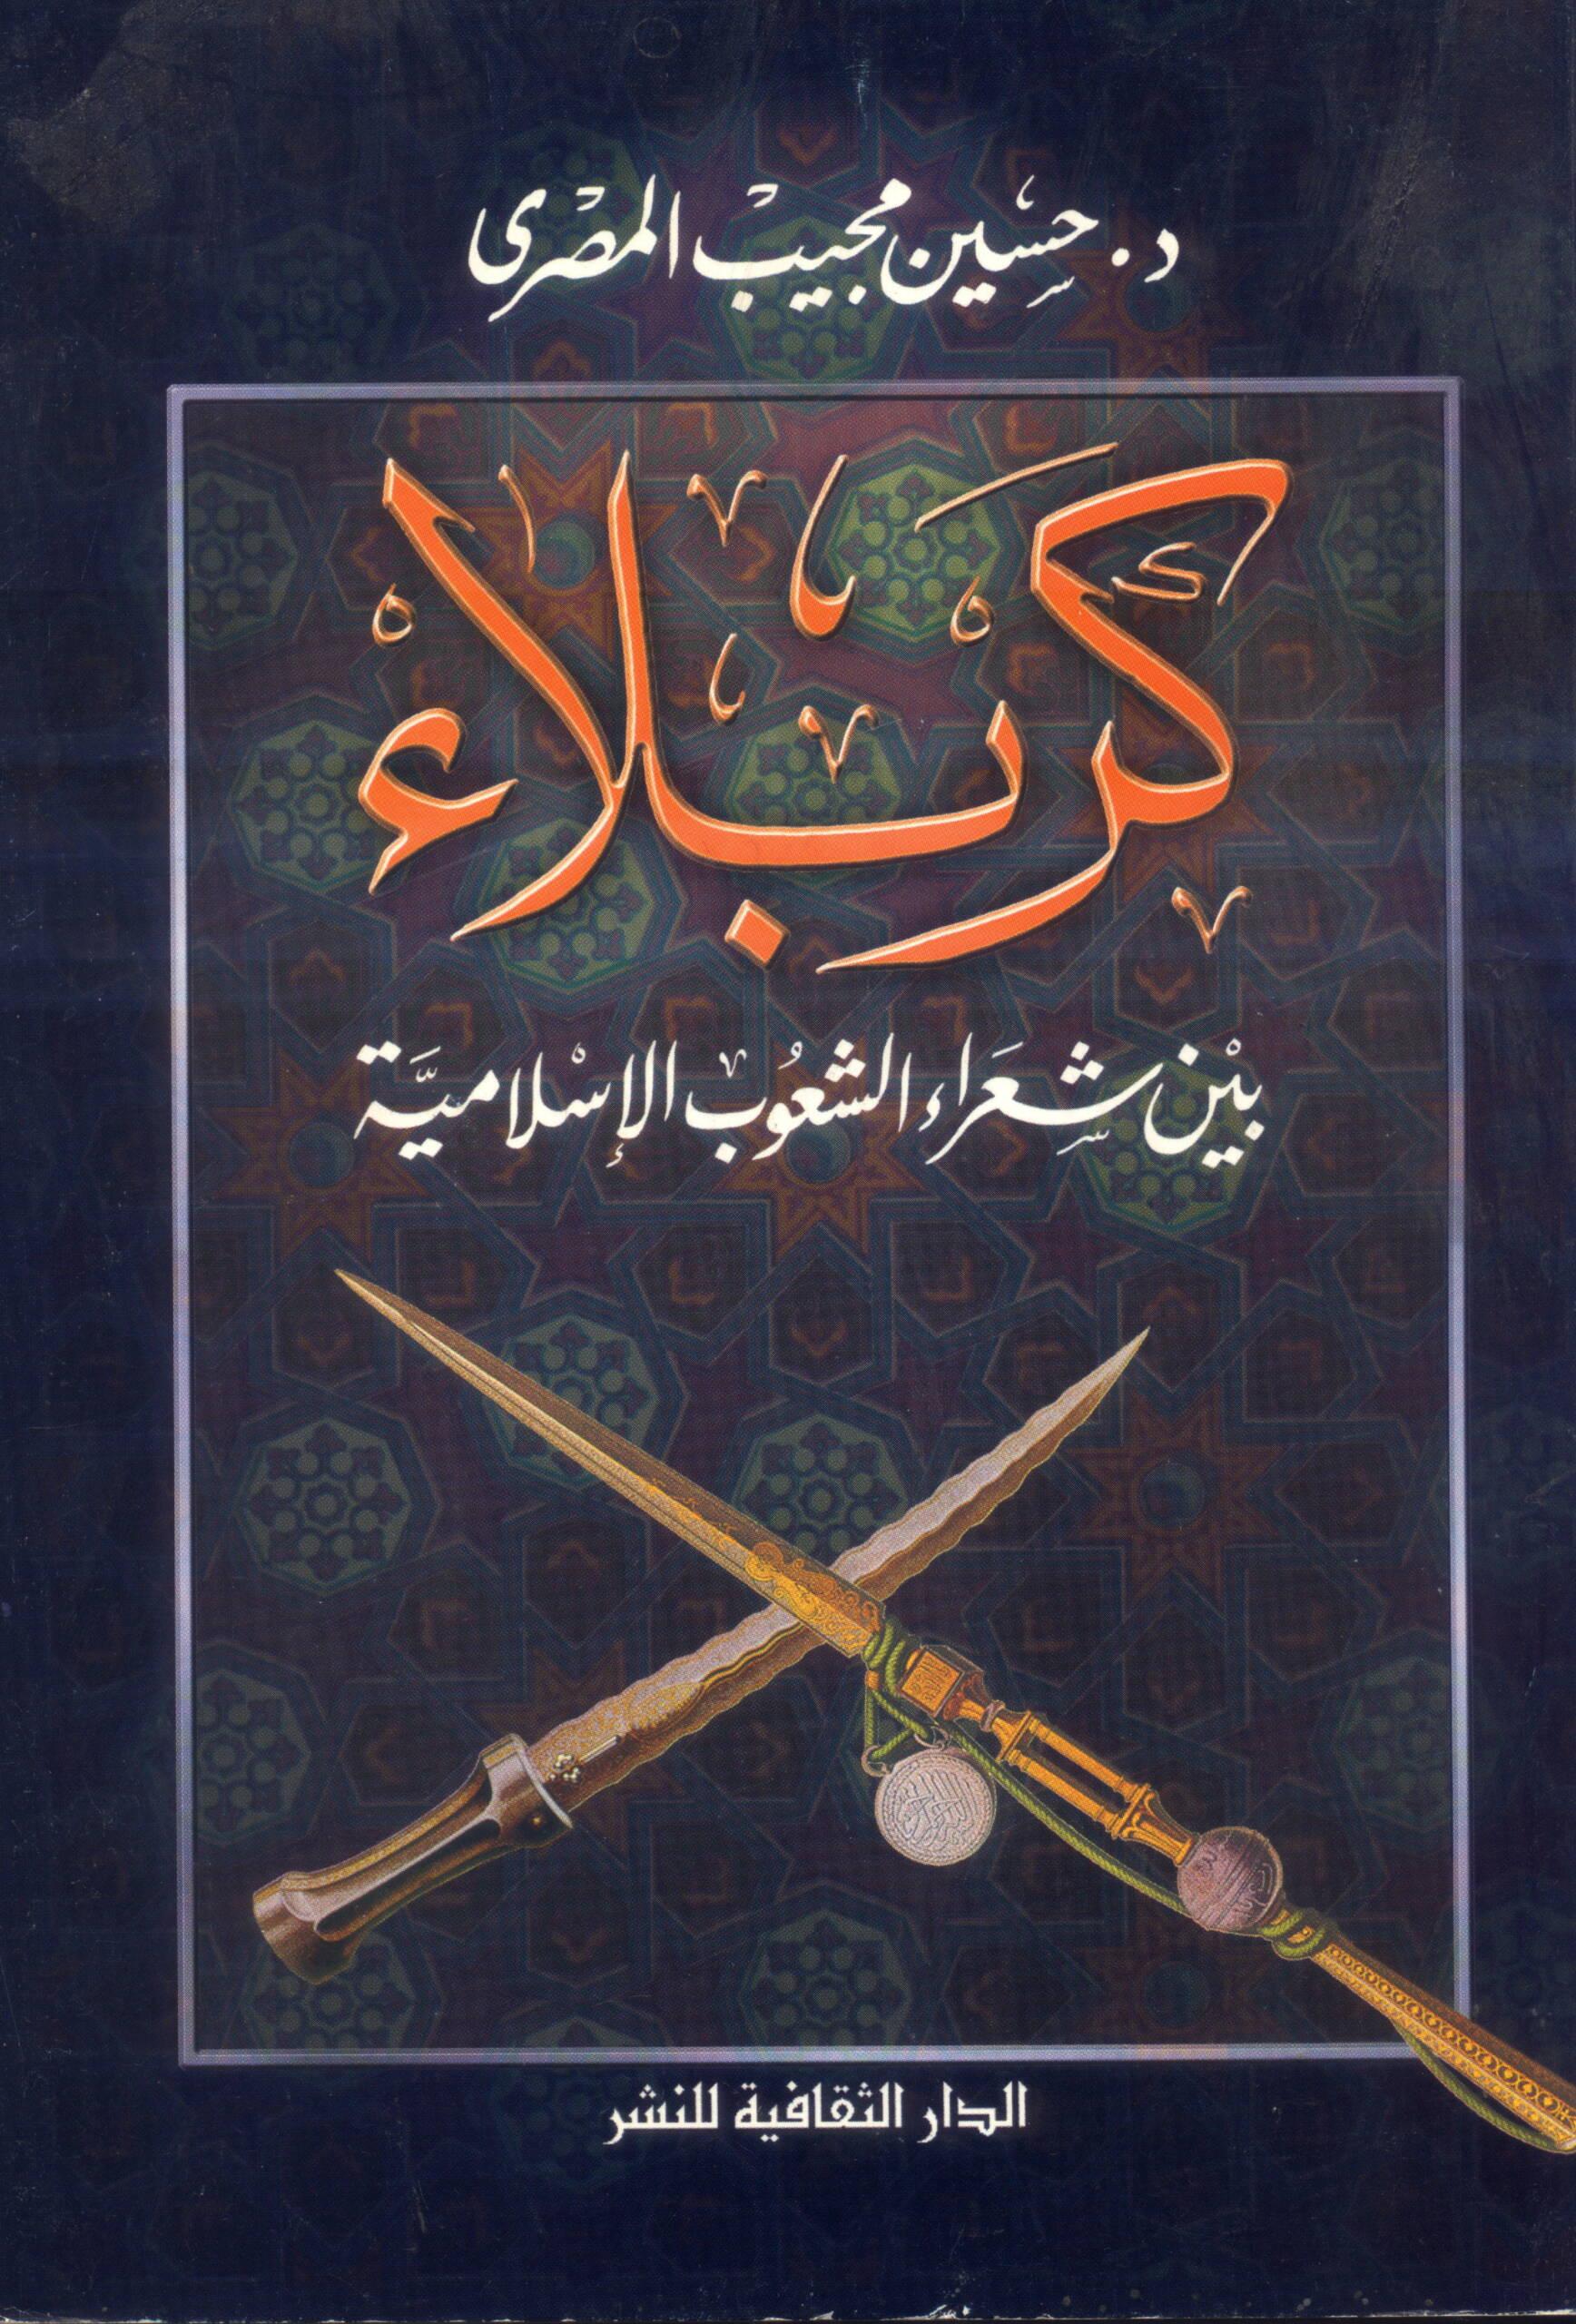 كربلاء بين شعراء الشعوب الإسلامية